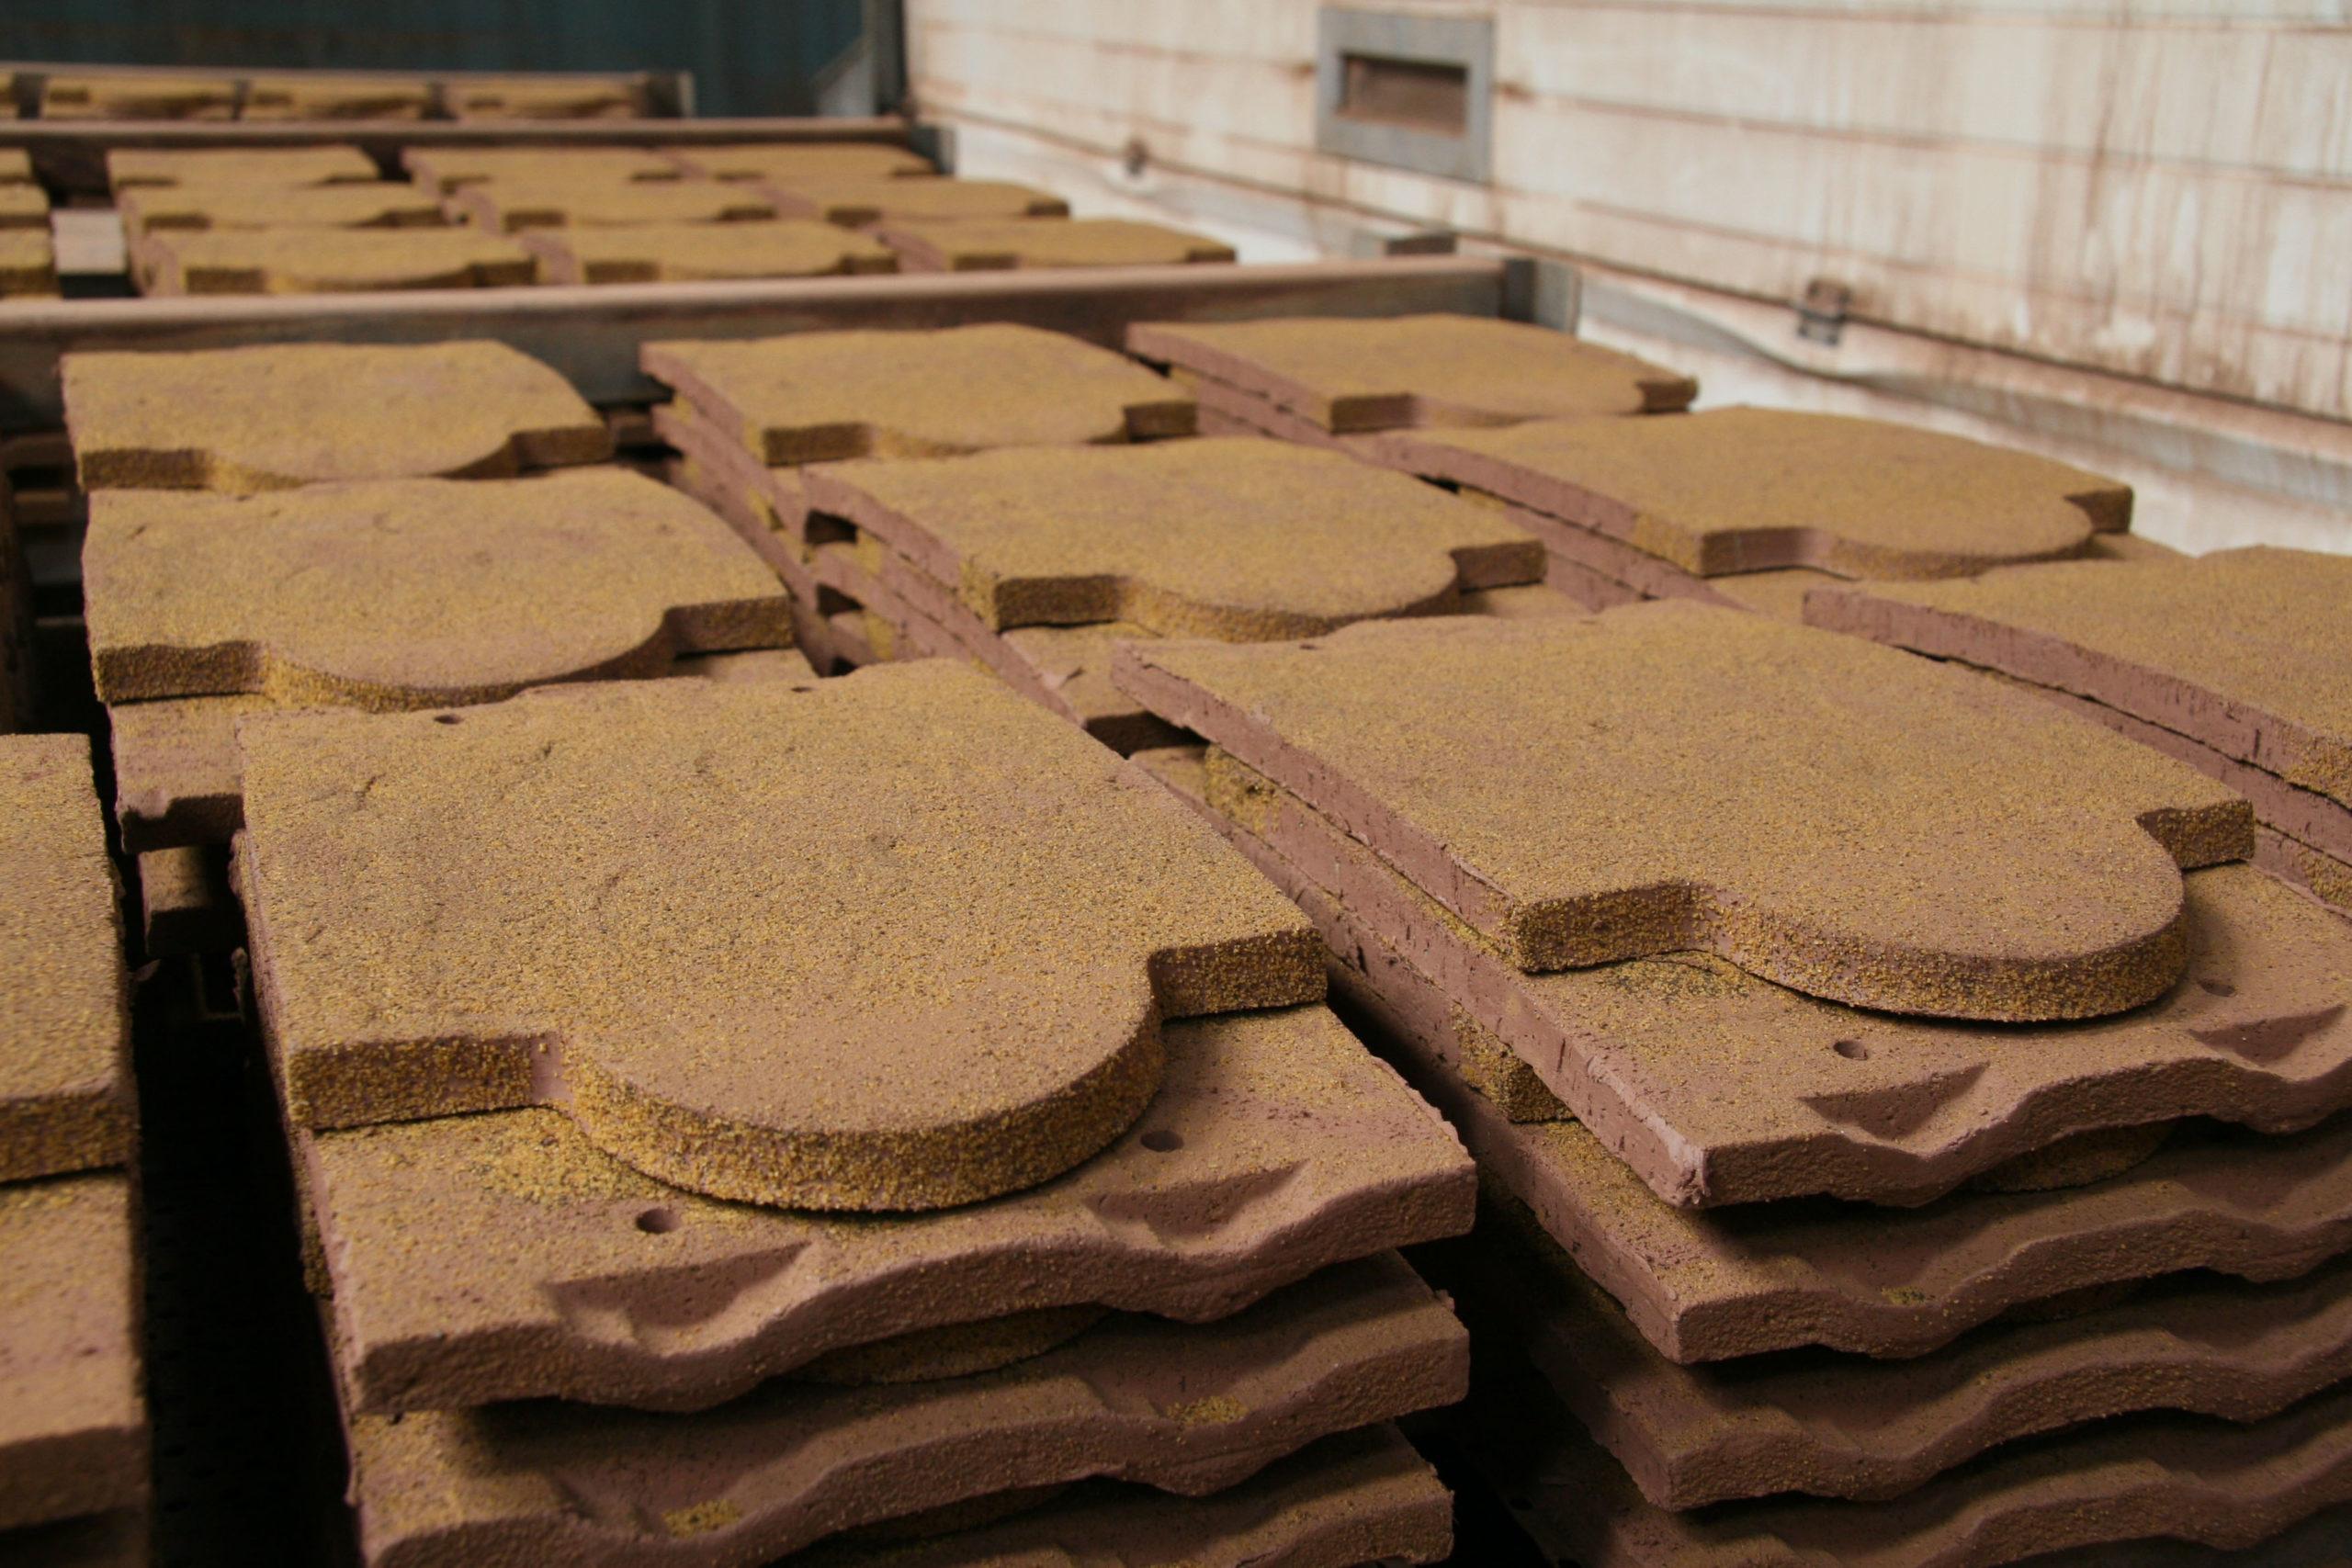 Drying handmade roof tiles